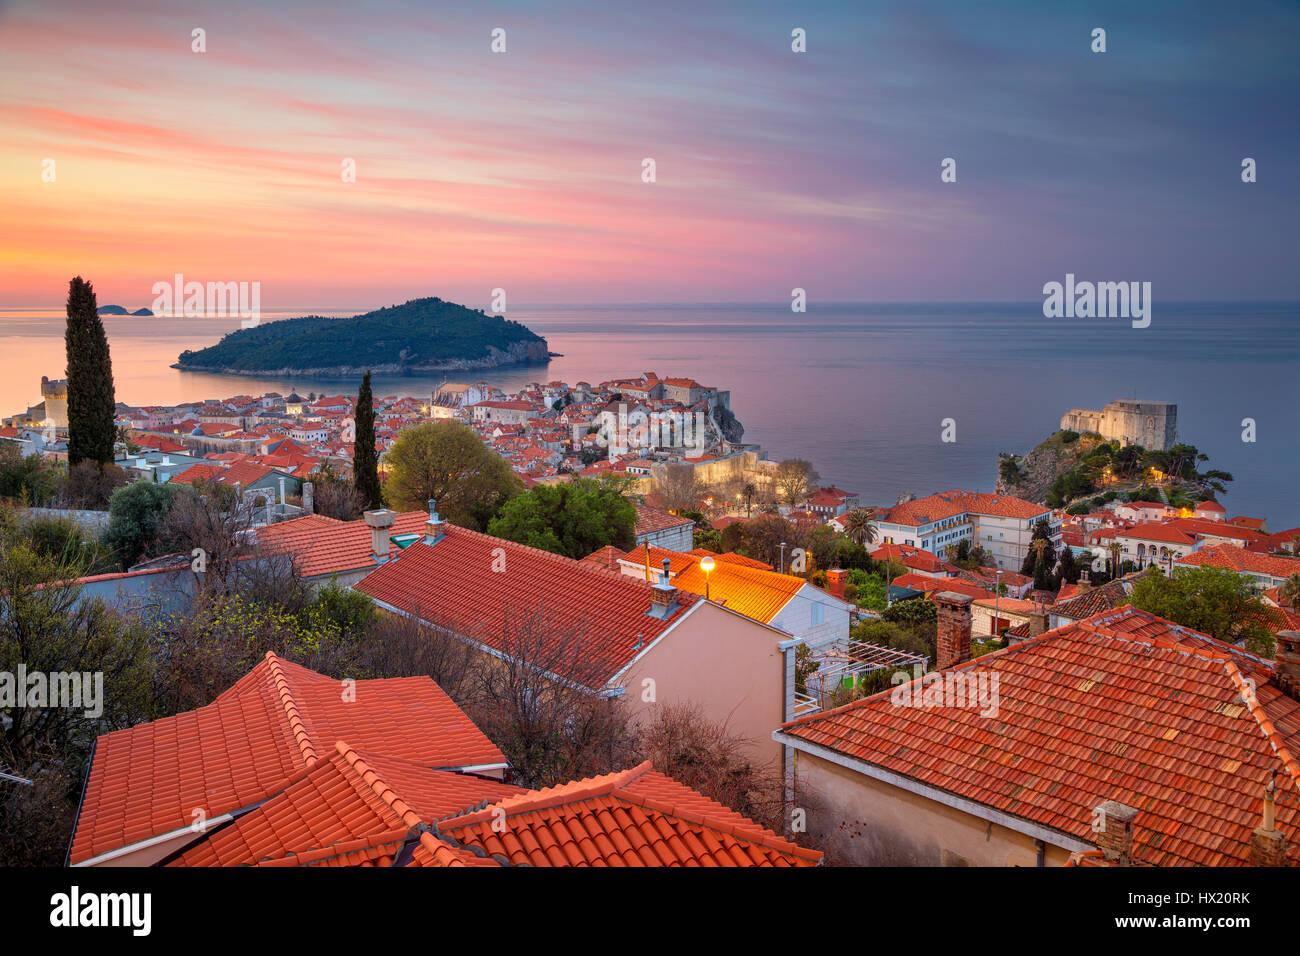 Dubrovnik, Croacia. Bonito y romántico casco antiguo de Dubrovnik durante el amanecer. Imagen De Stock